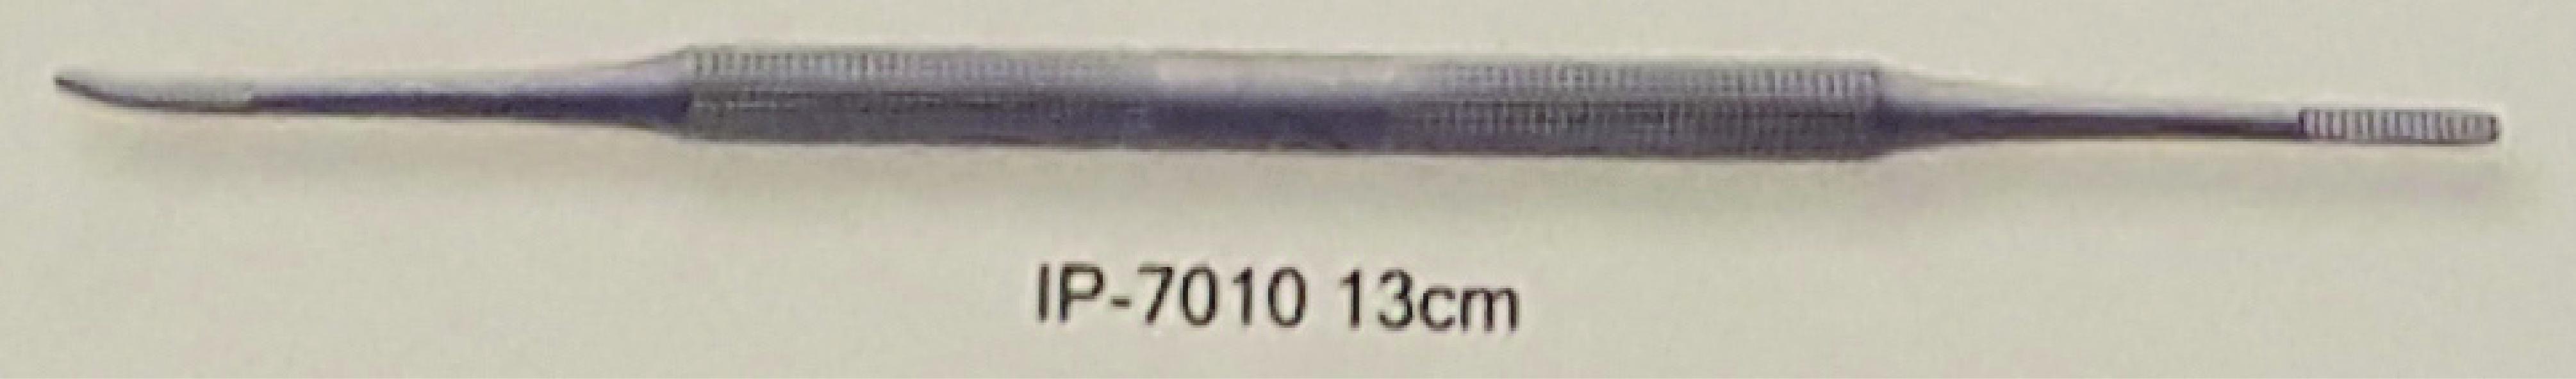 IP-7010 13cm